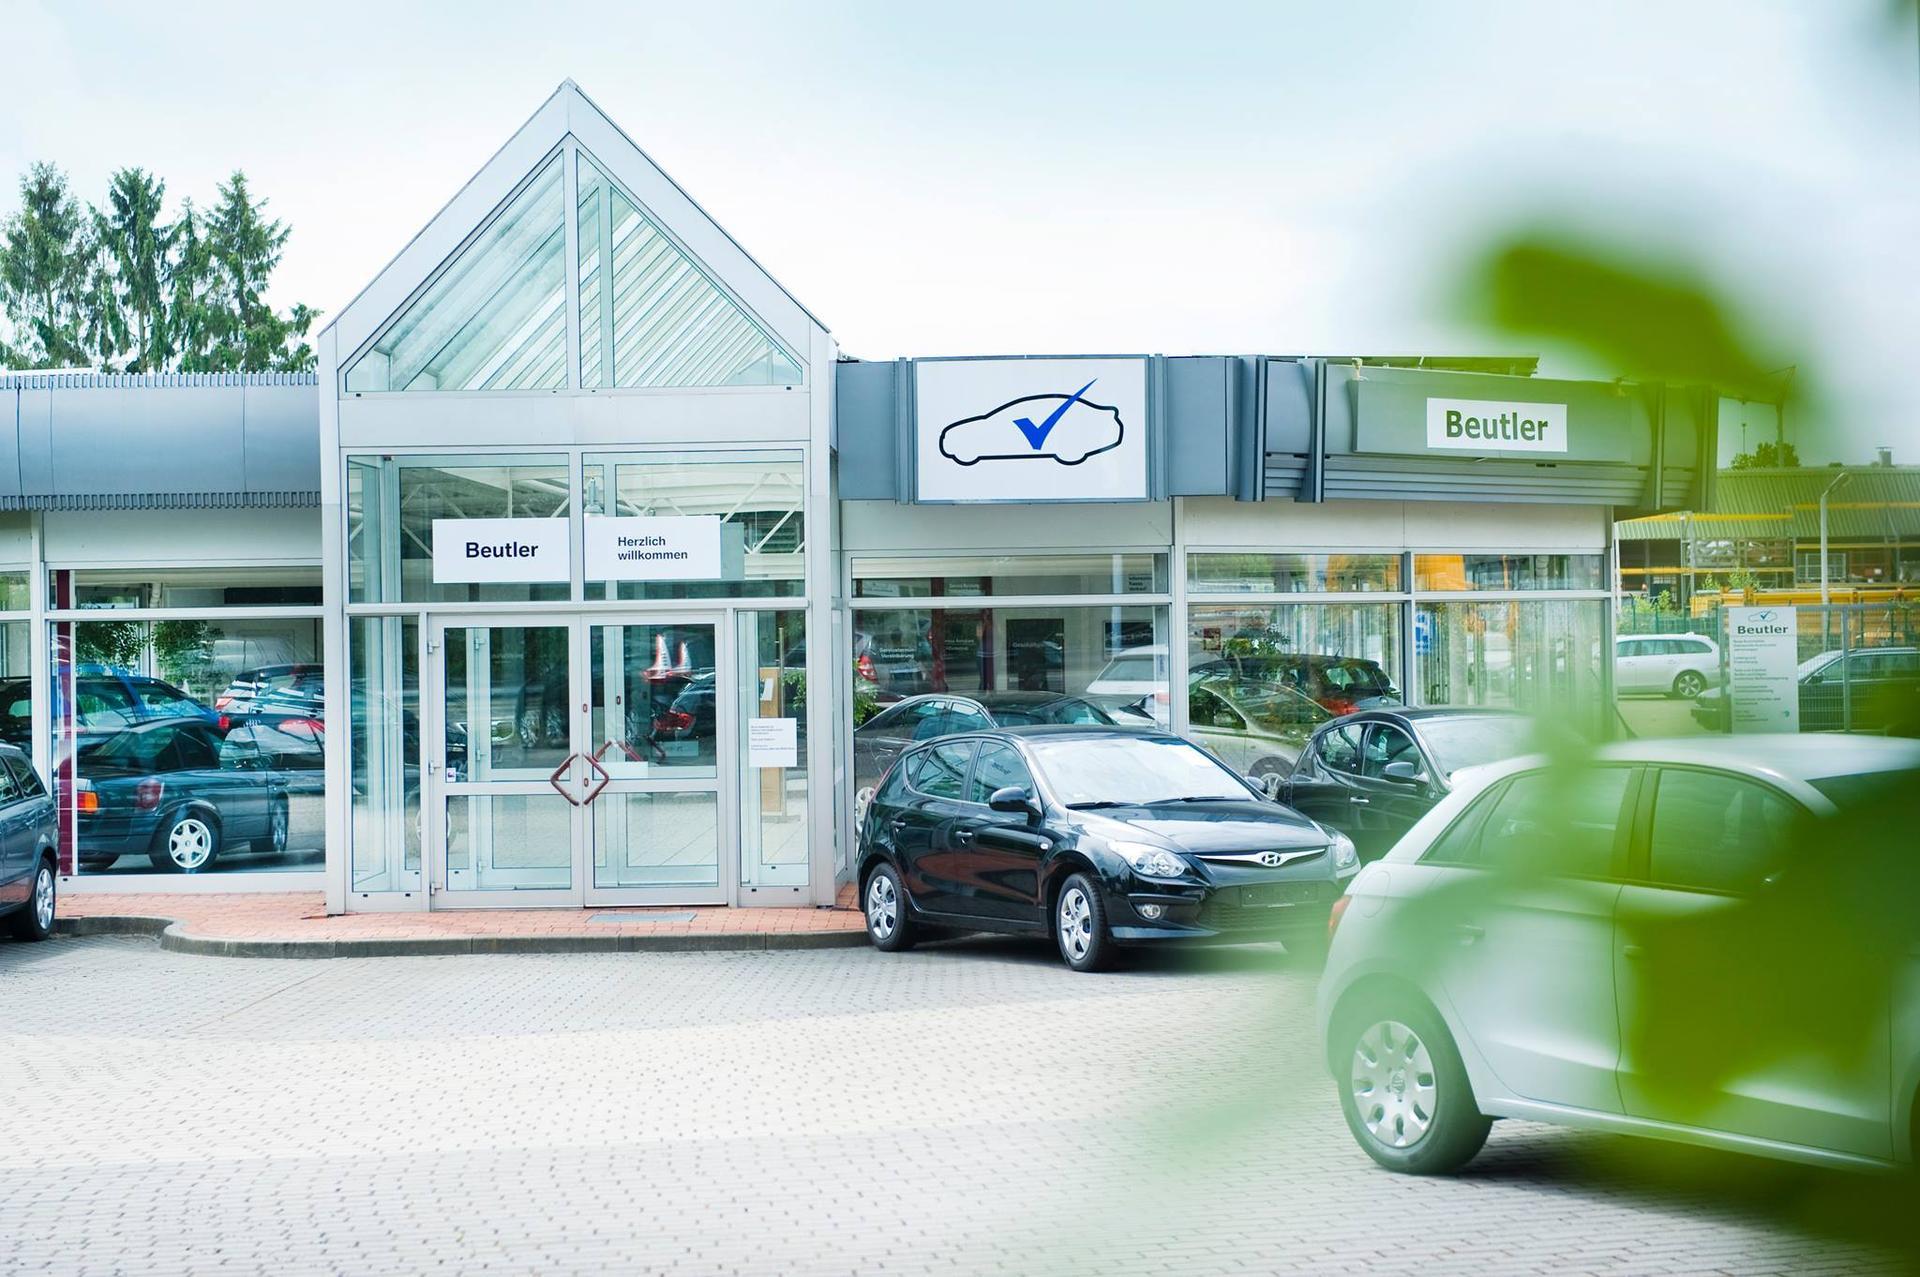 Autohaus Beutler - mehr Marke. mehr Service. mehr Autohaus.